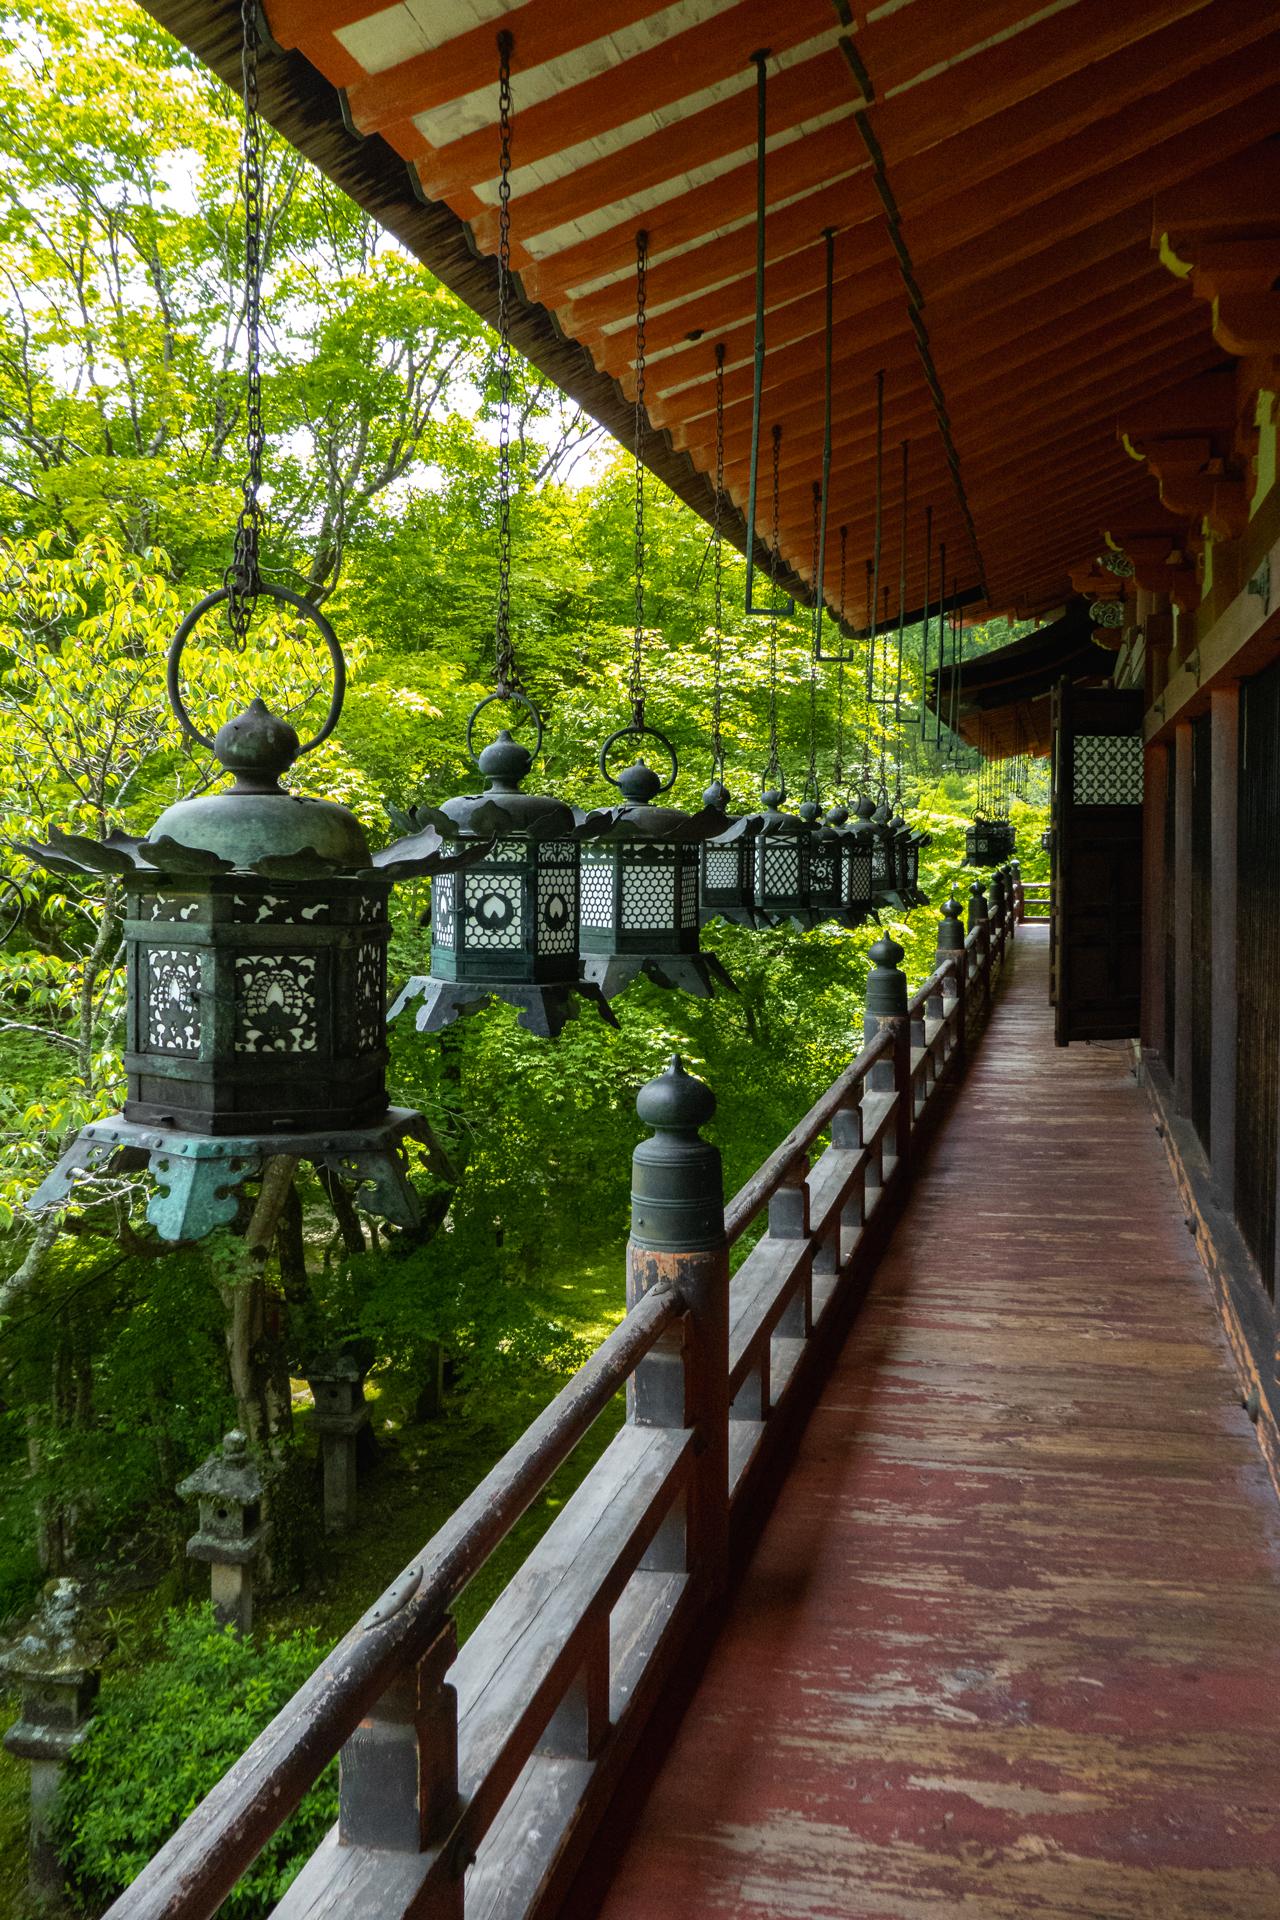 P1001190 奈良県  談山神社(あじさいと新緑の景色が美しい初夏におすすめのスポット! 写真の紹介、アクセス情報や駐車場情報など)